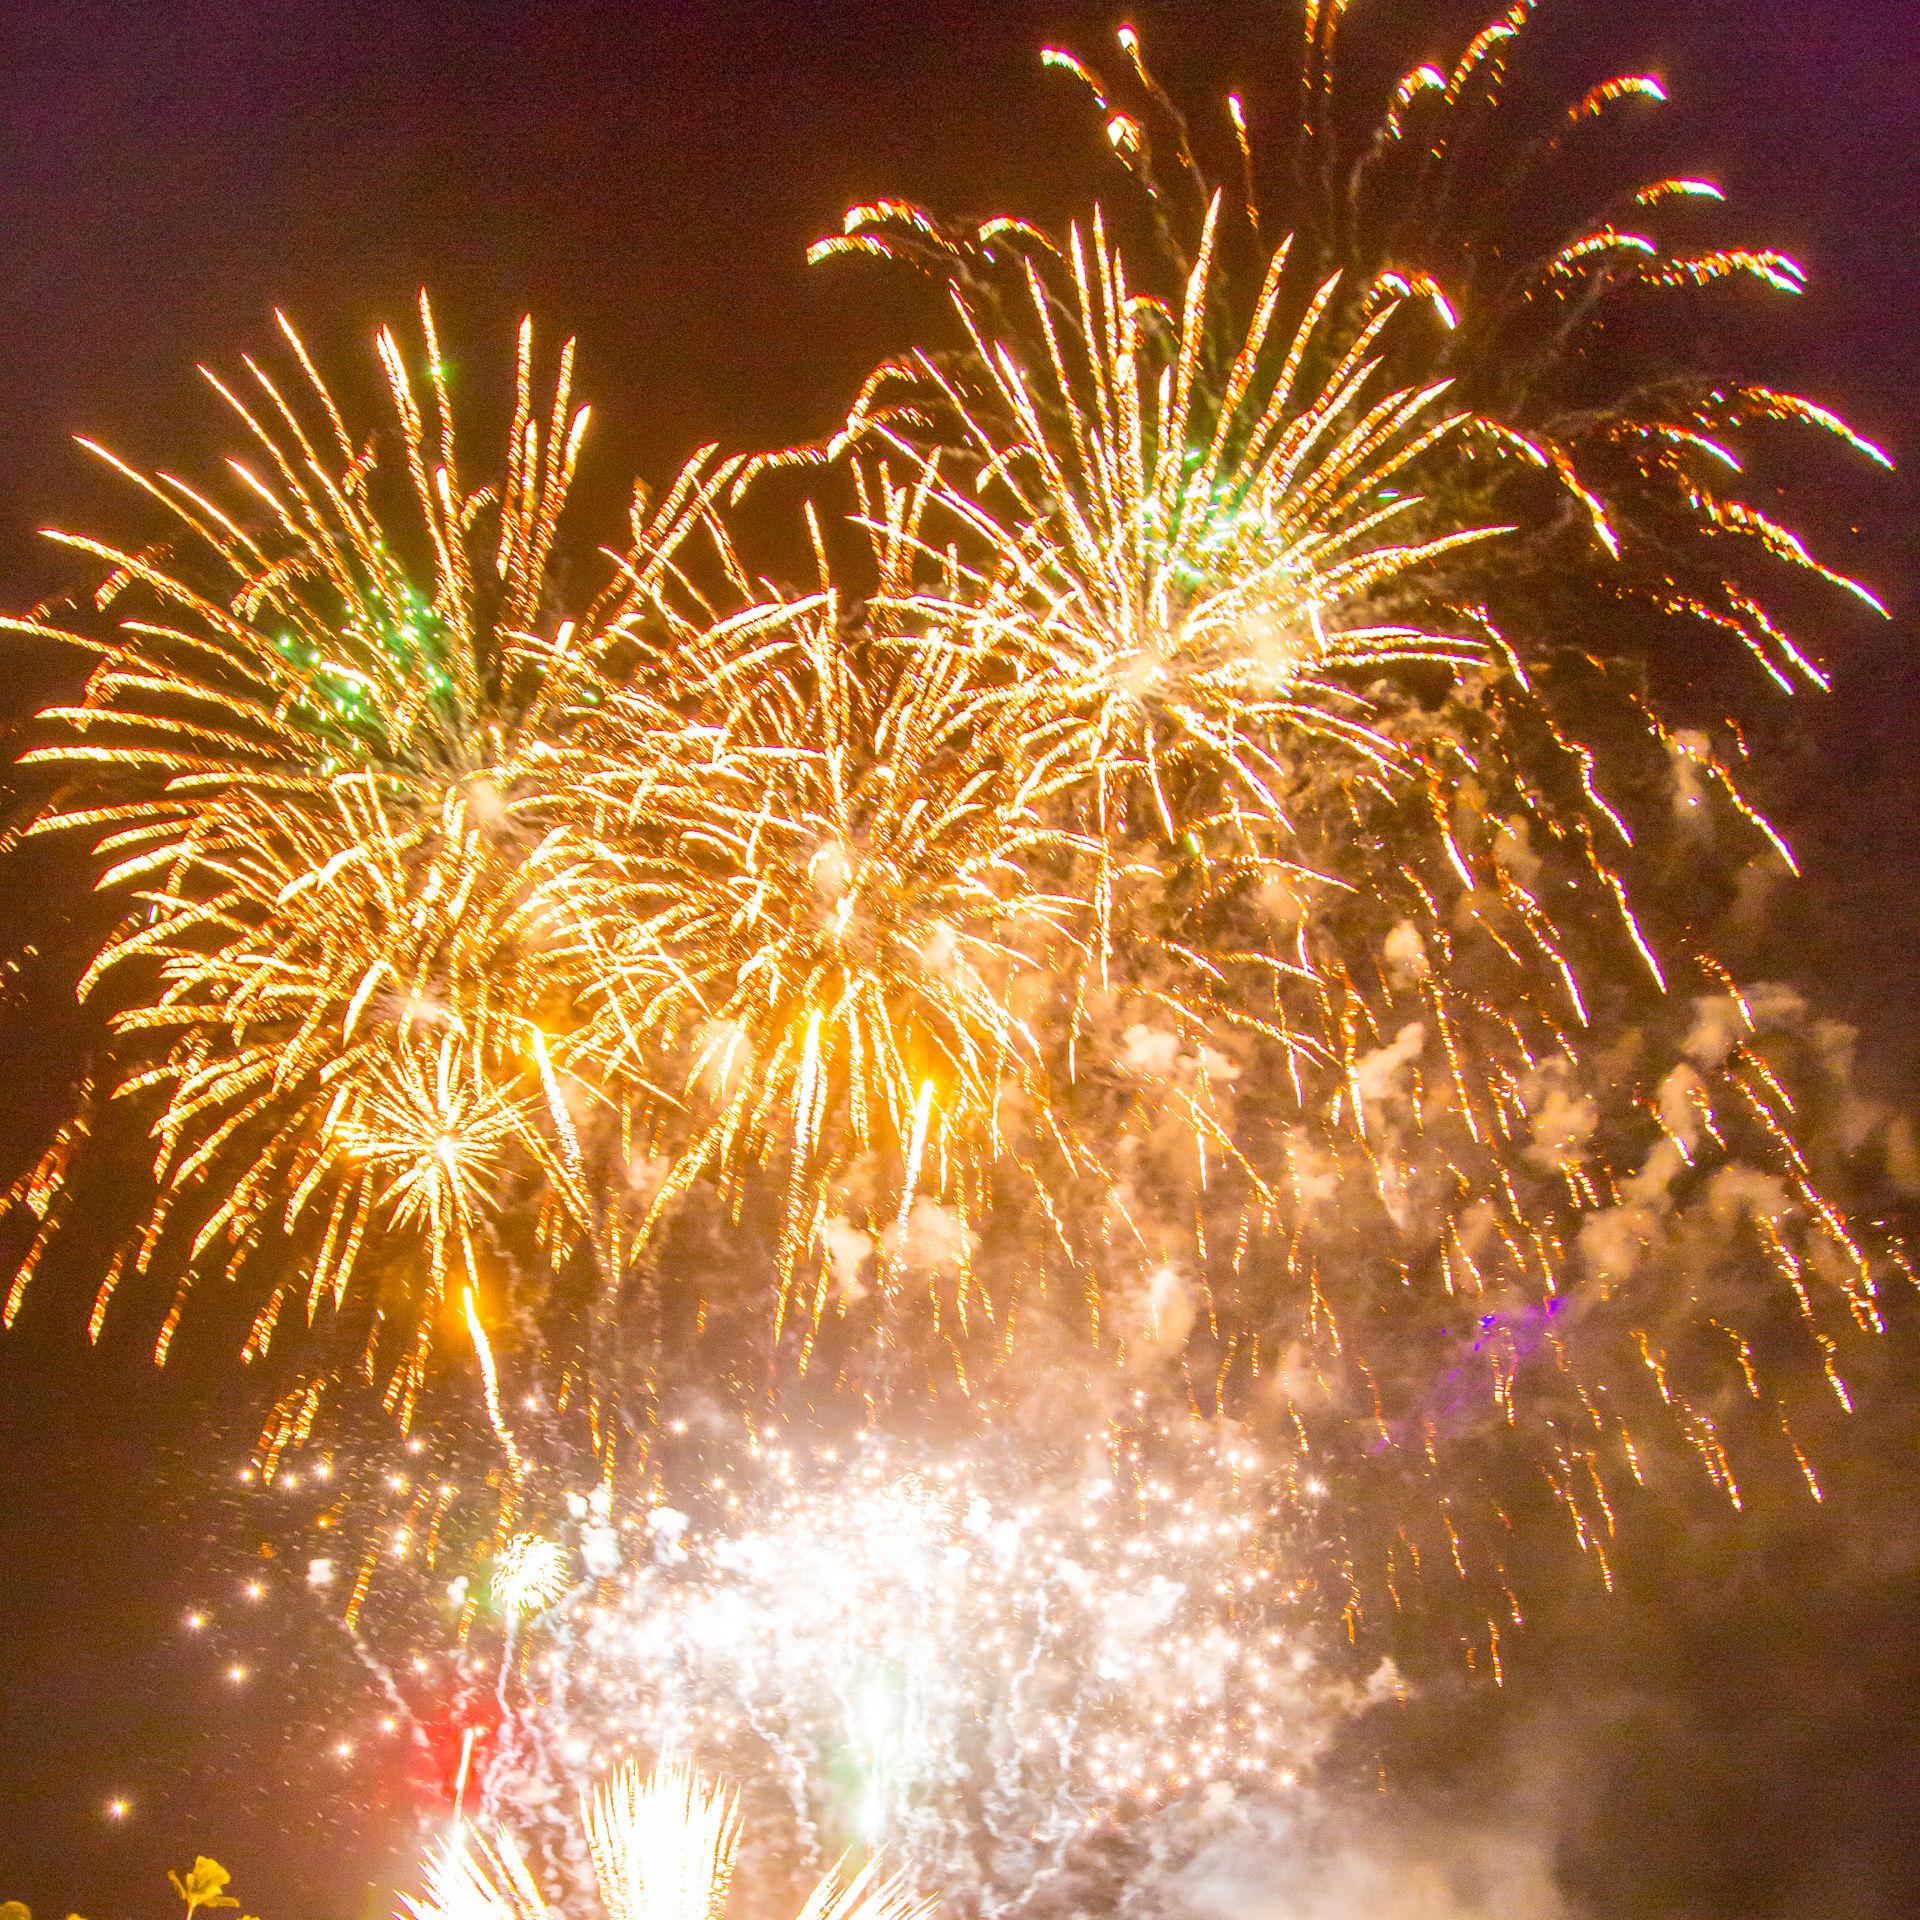 Hfwf16 fireworks chefs lblanj